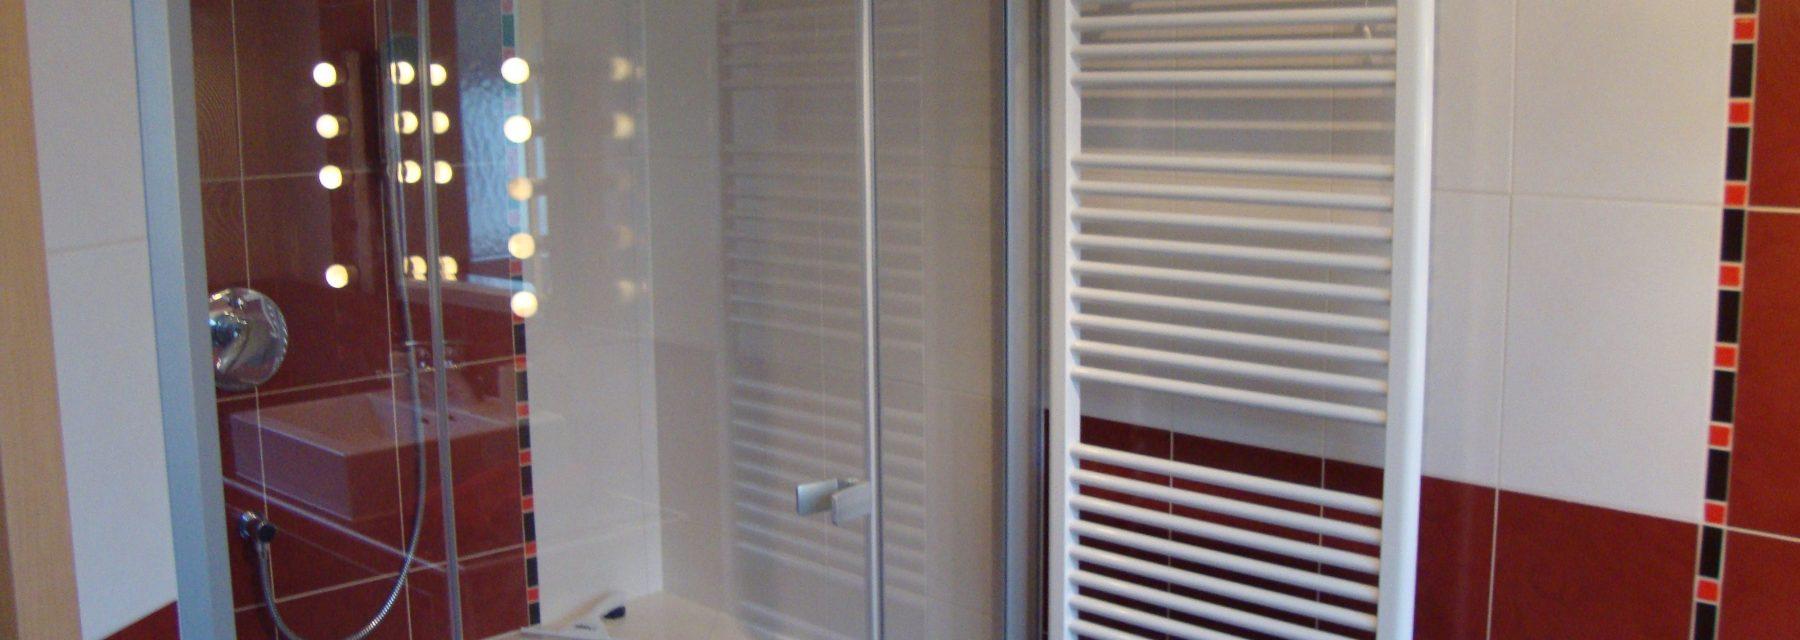 Badgewordene Träume - Dusche mit Ecksitzplatz